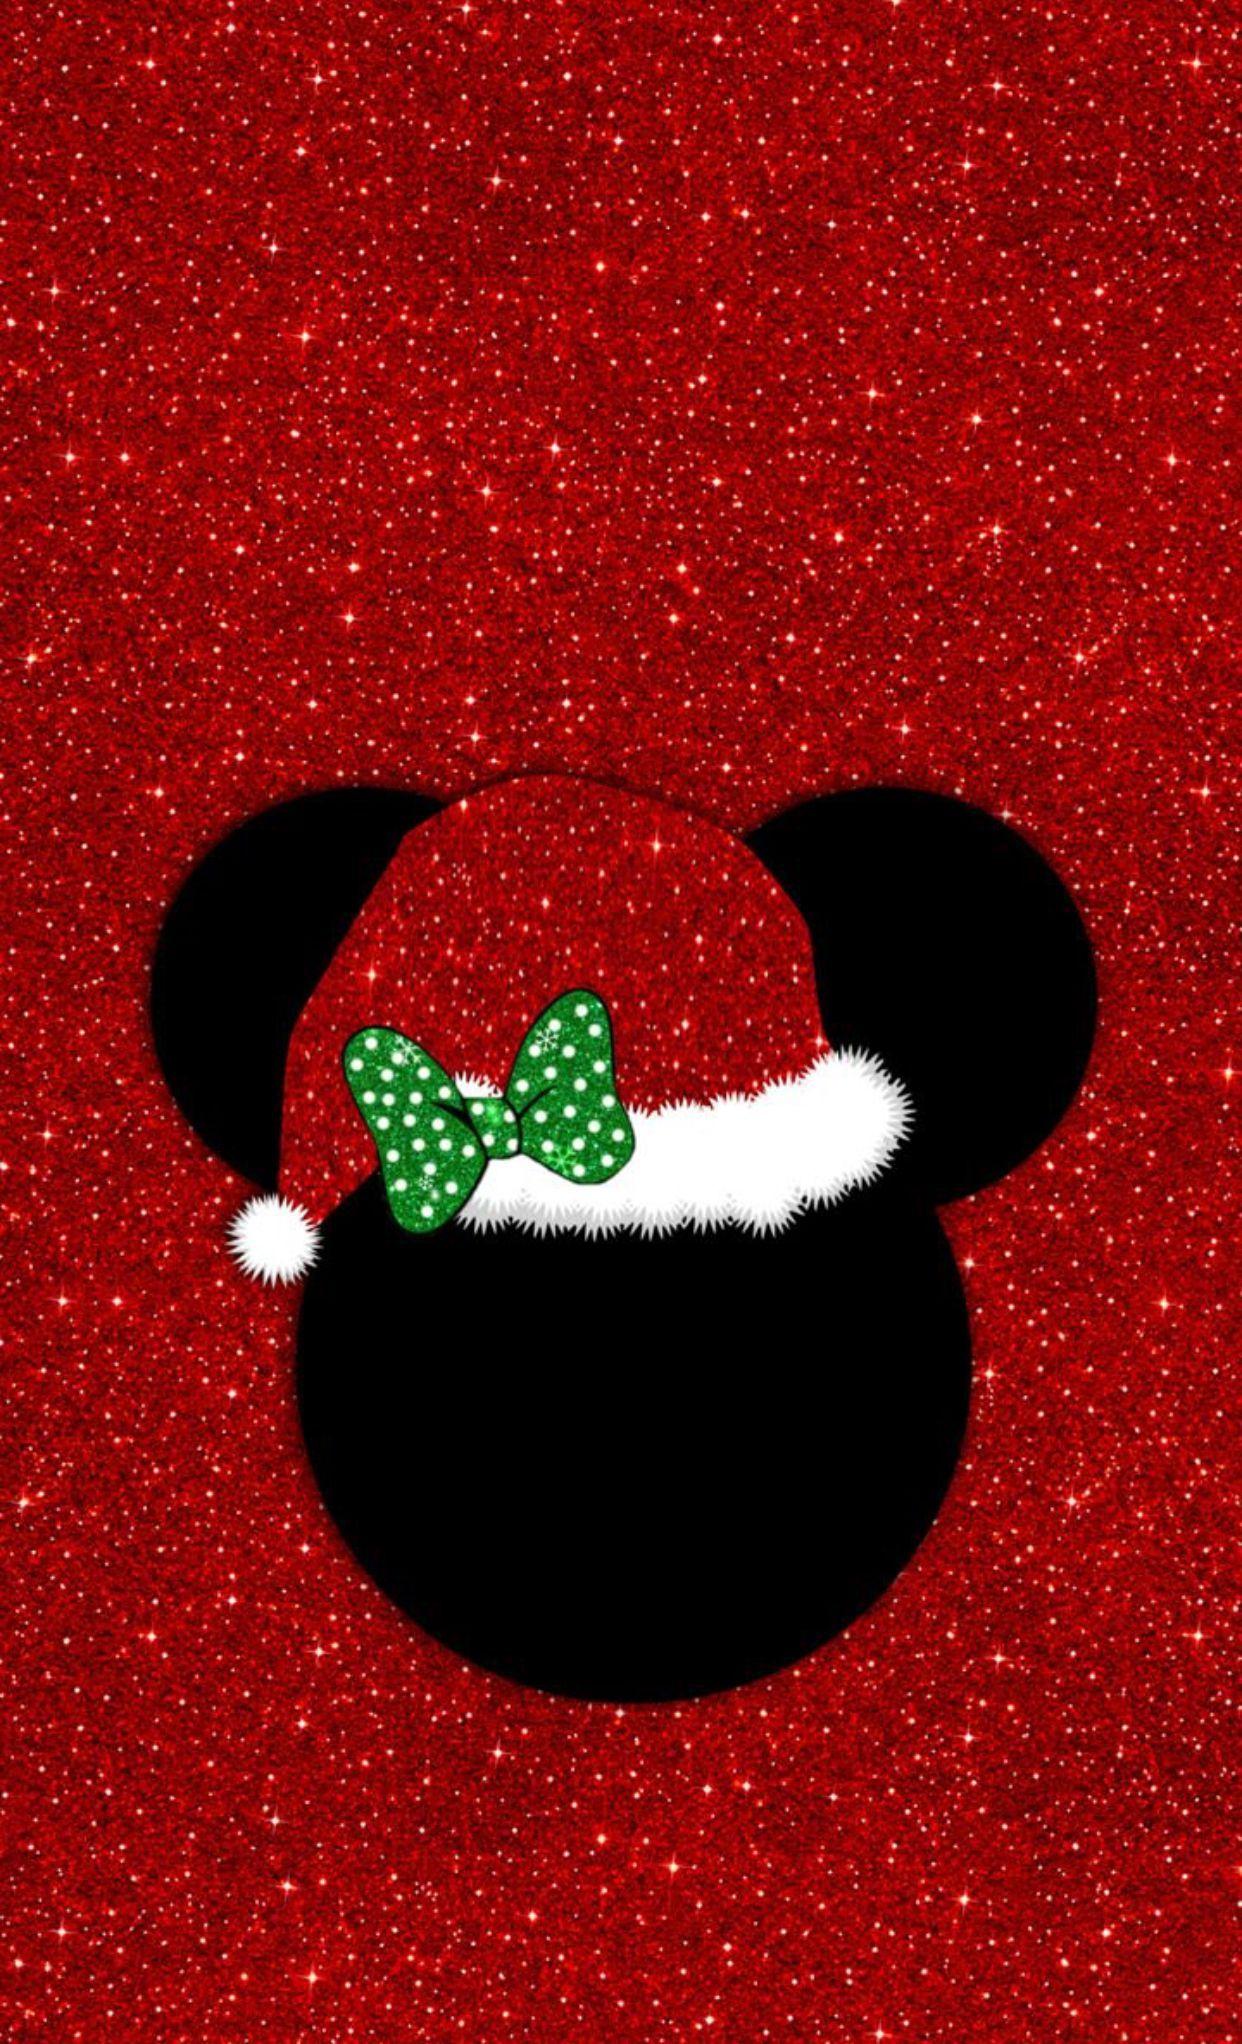 Iphone Wallpaper Winter 110 Fondos De Navidad Para Iphone Fondo De Pantalla Navideno Fondo De Pantalla Navidad